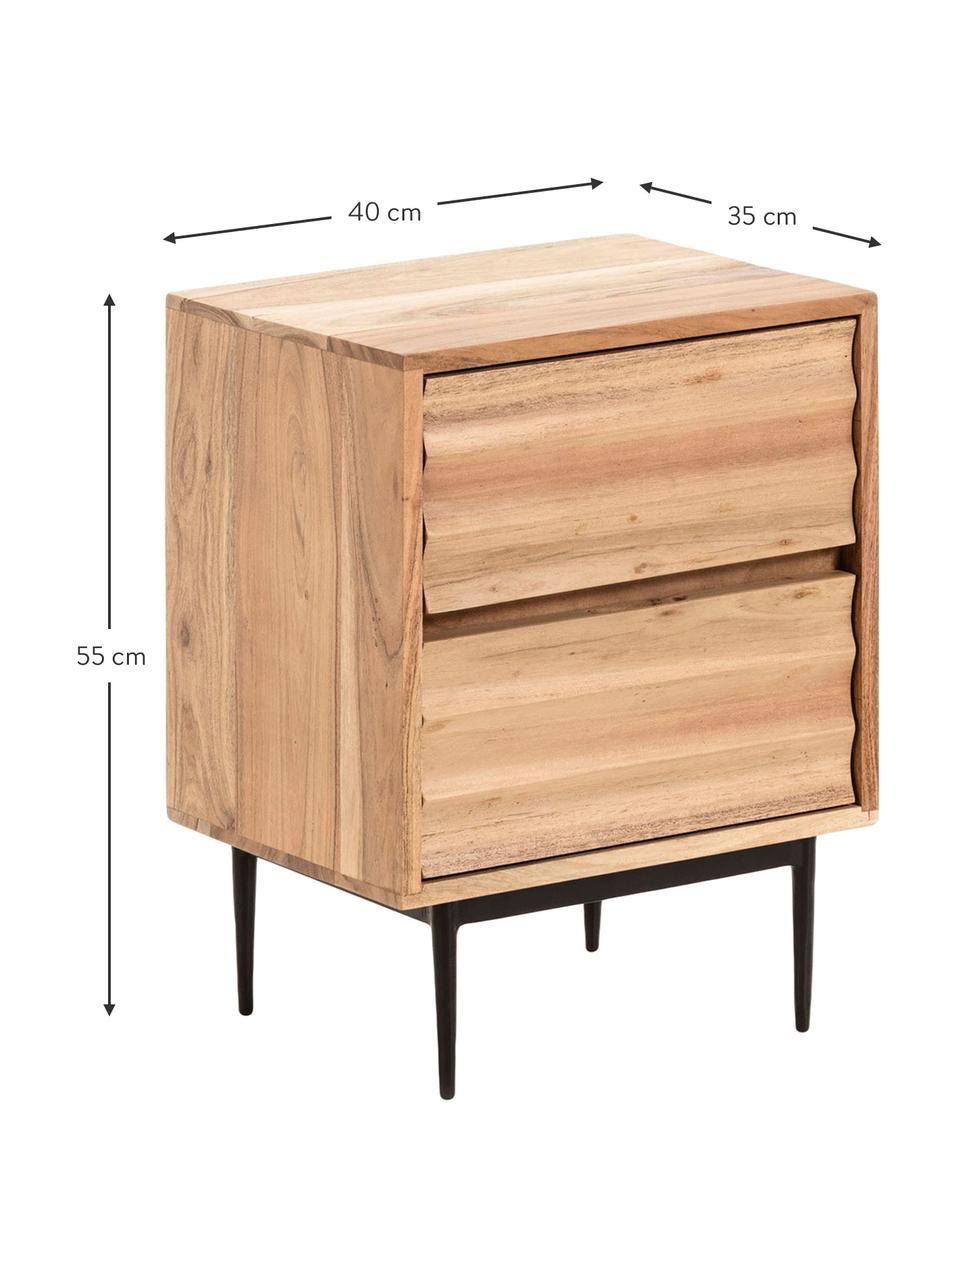 Holz-Nachttisch Delsie mit Schubladen, Holz, Metall, Beige, Schwarz, 40 x 55 cm